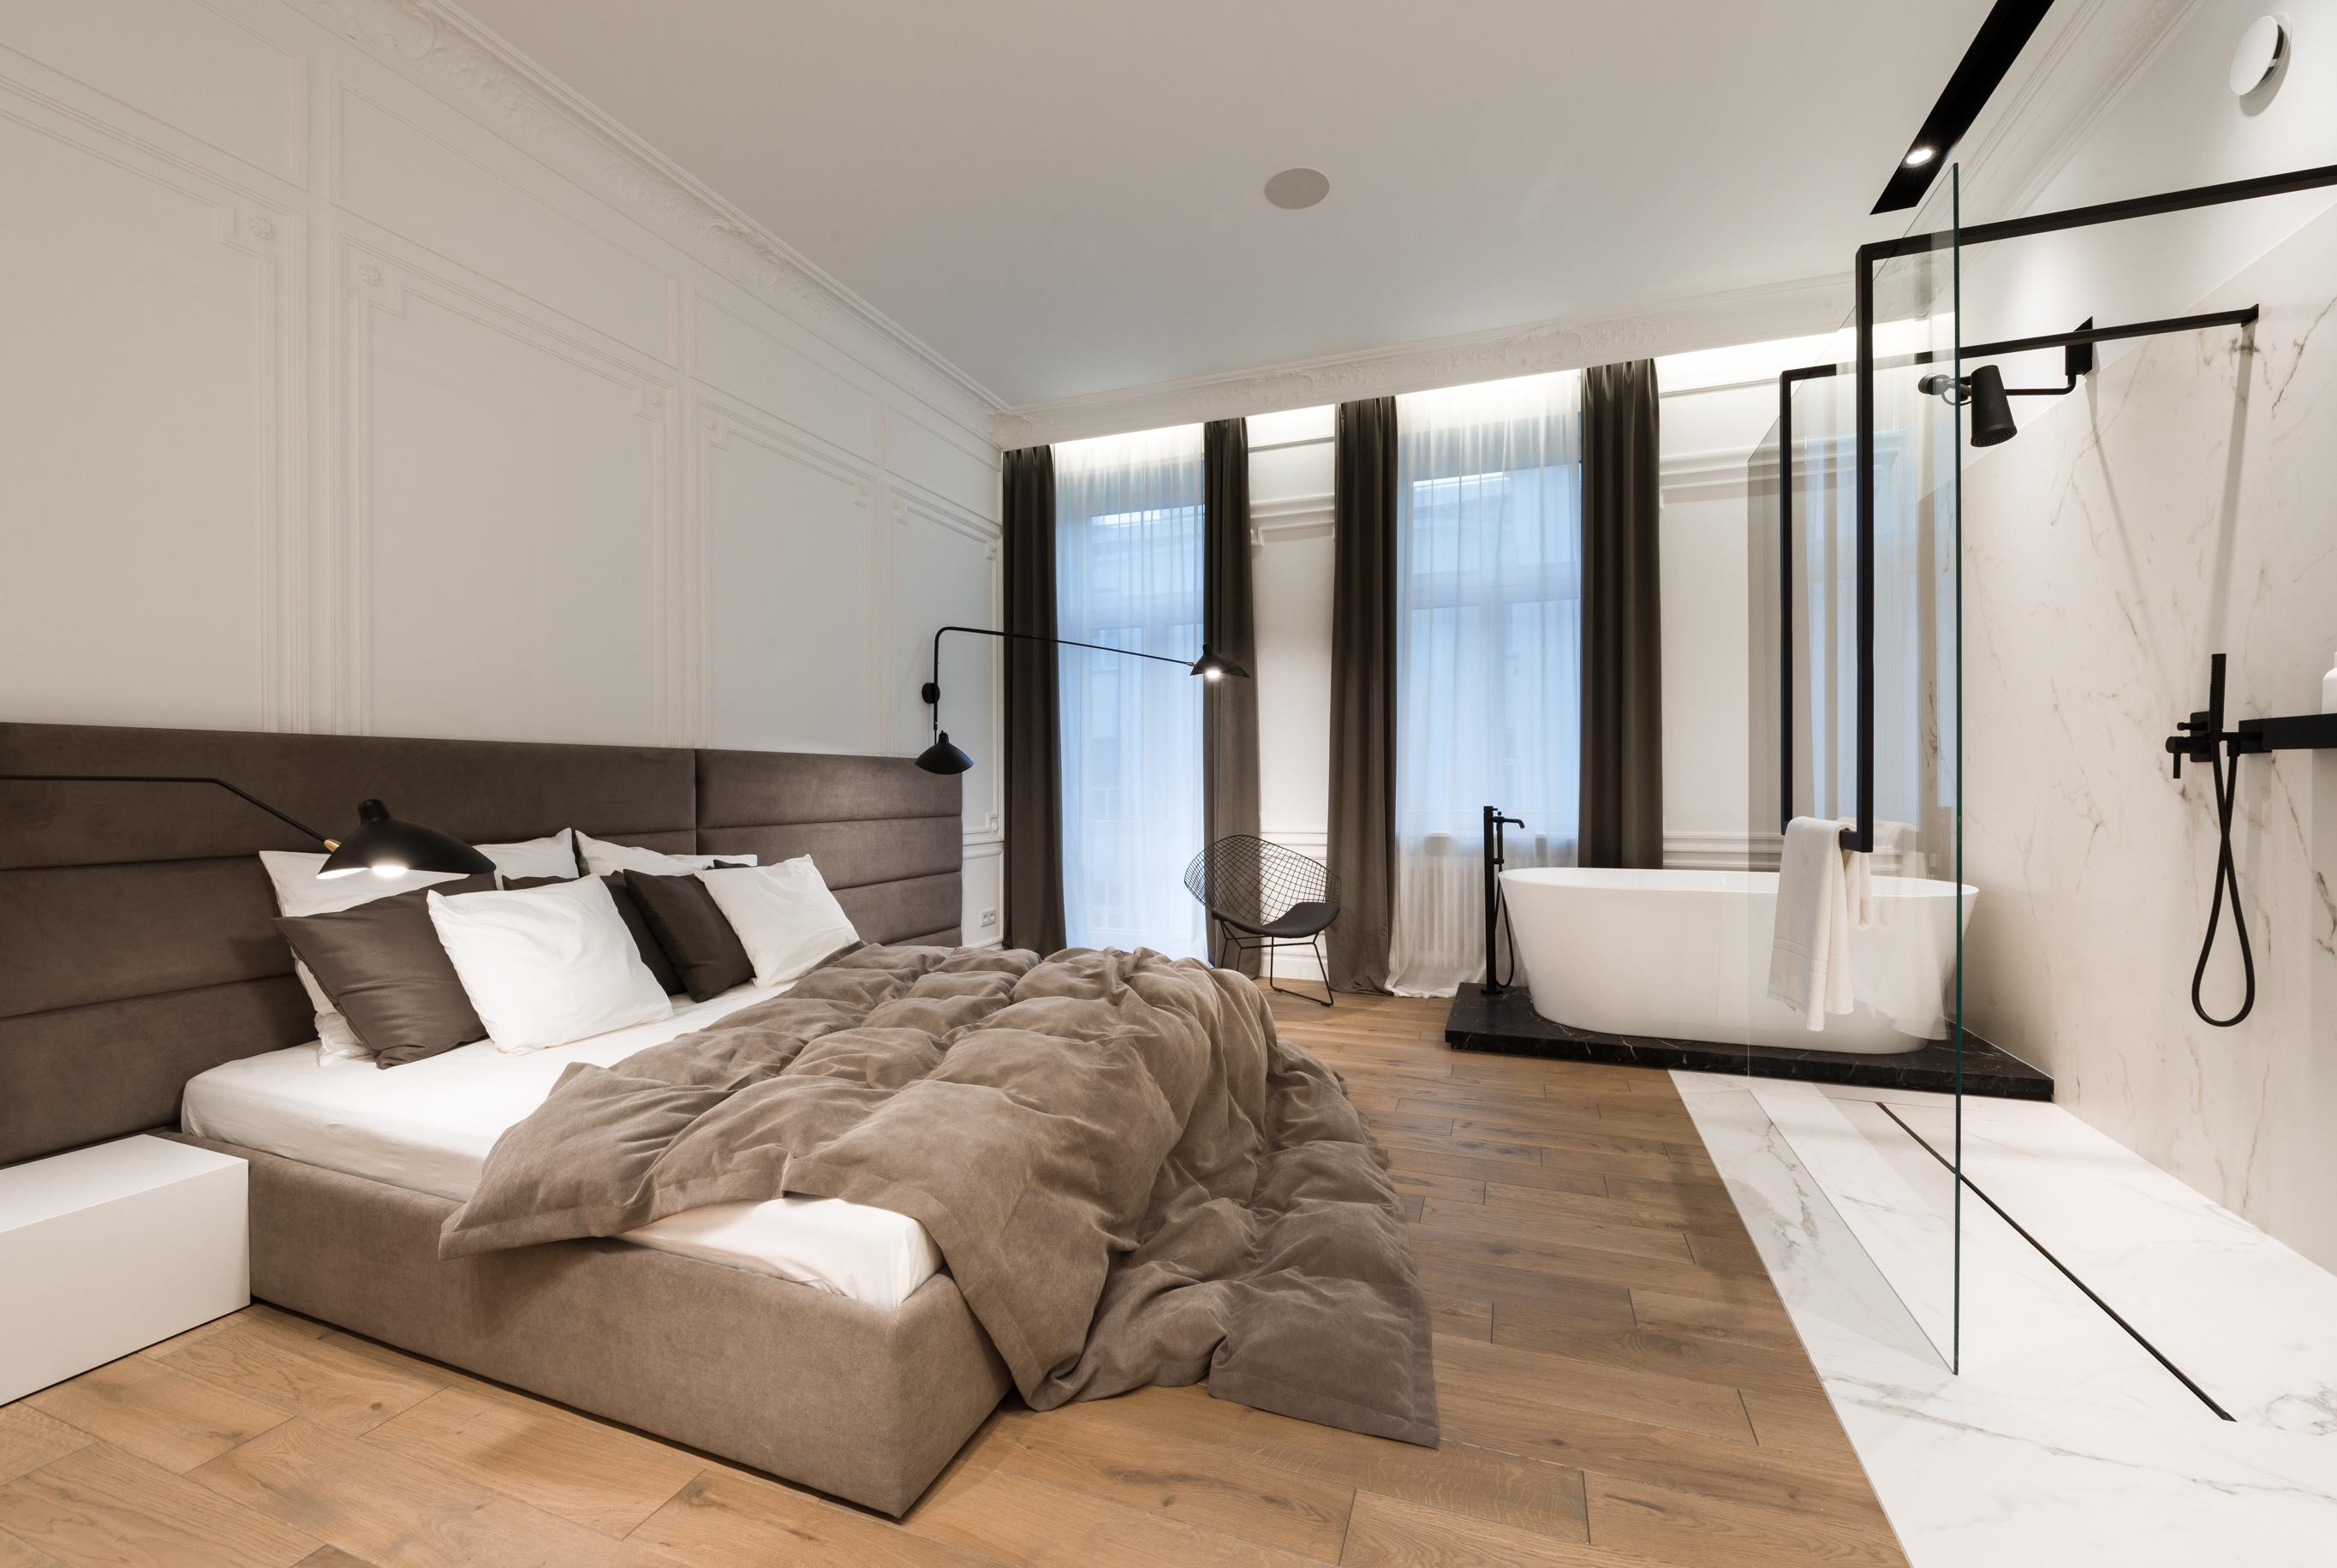 sypialnia przytulna - zdjęcie